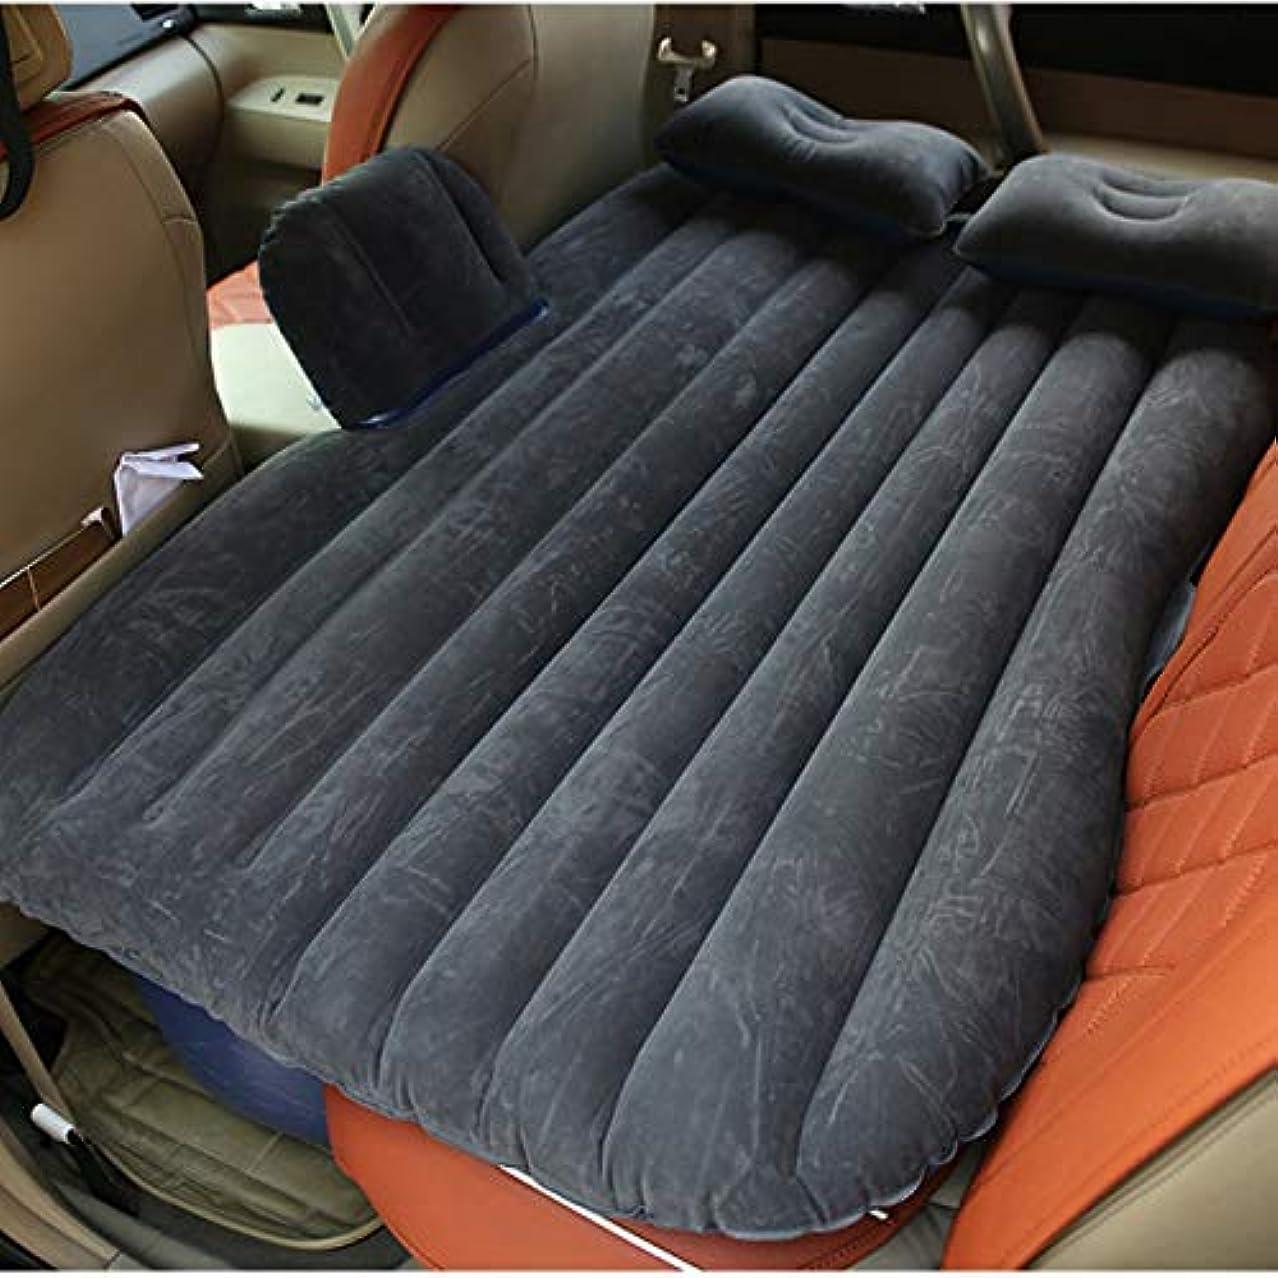 七時半なめらかな単位Saikogoods 車内用大型耐久性に優れたカーバックシートカバーカーエアマットレス旅行ベッド防湿インフレータブルマットレスエアーベッド 黒